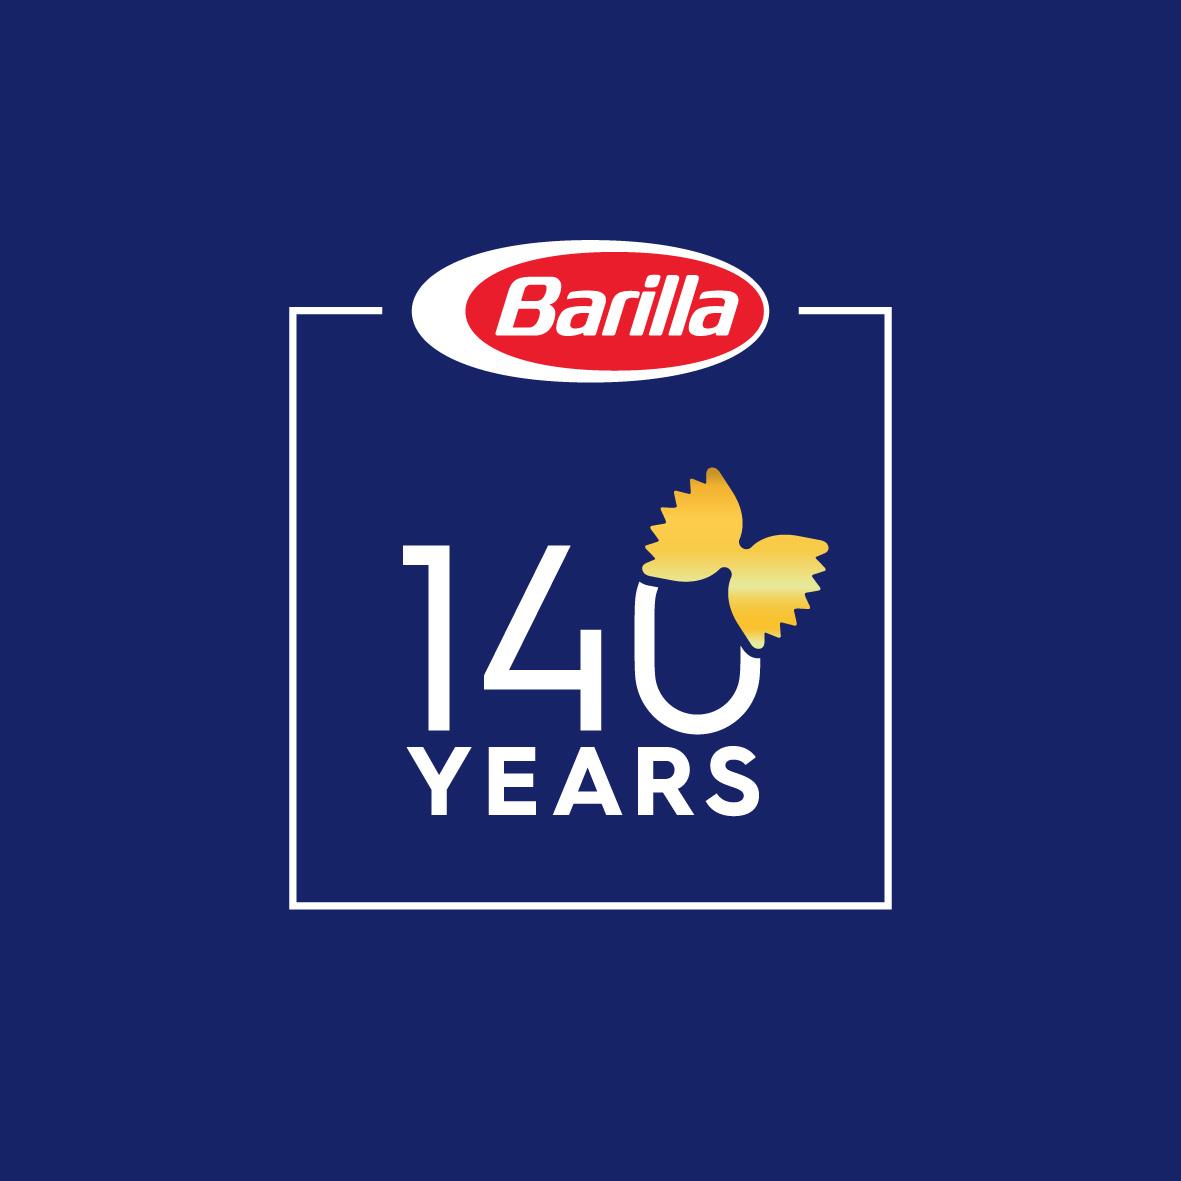 2017 - Barilla 140th anniversary Logo